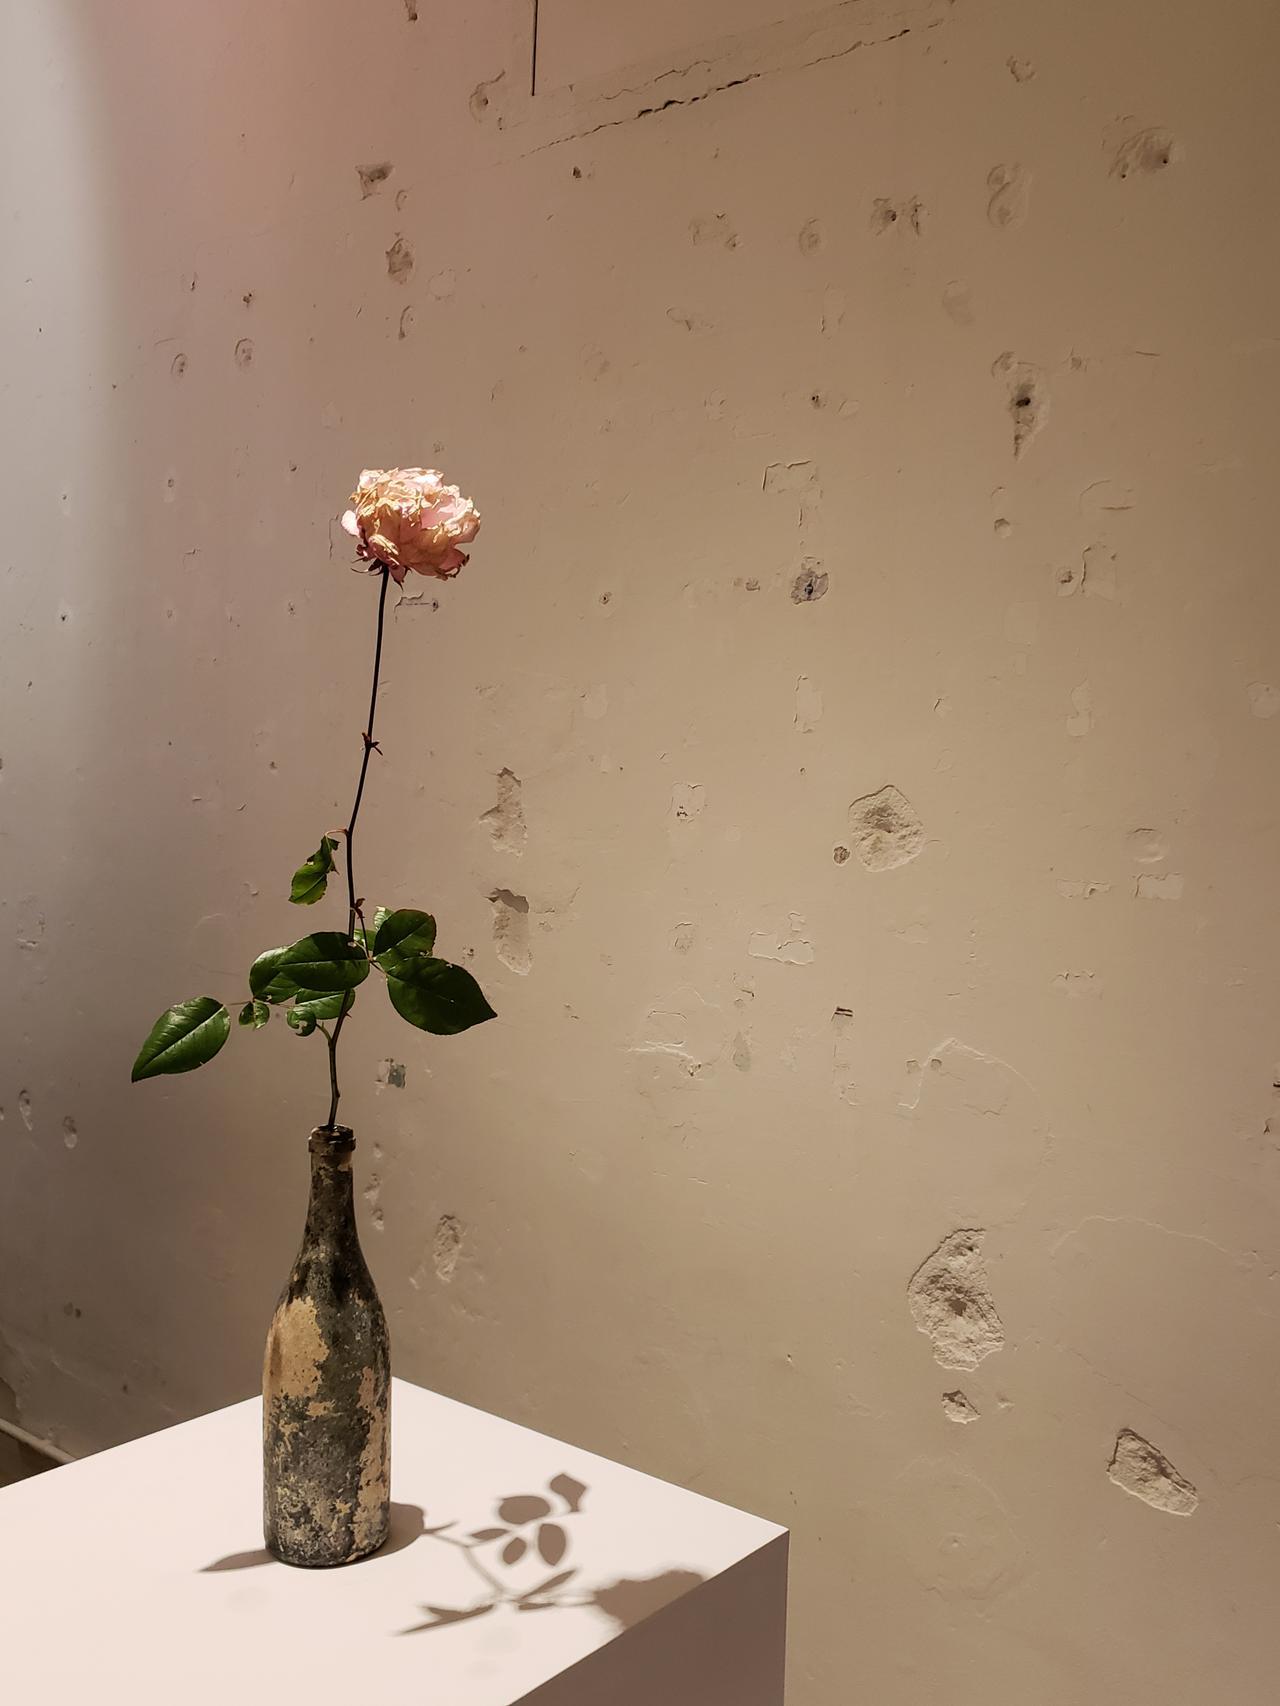 画像: オランダの運河で見つかったというワインボトルに生けられたバラの花。 本発表会のために、杉さんが、都内に咲くバラを探し歩き、やっと見つけたという一輪の花。霜で凍り、枯れはじめたバラの凛とした美しい佇まいには、ただ目を奪われるばかり。